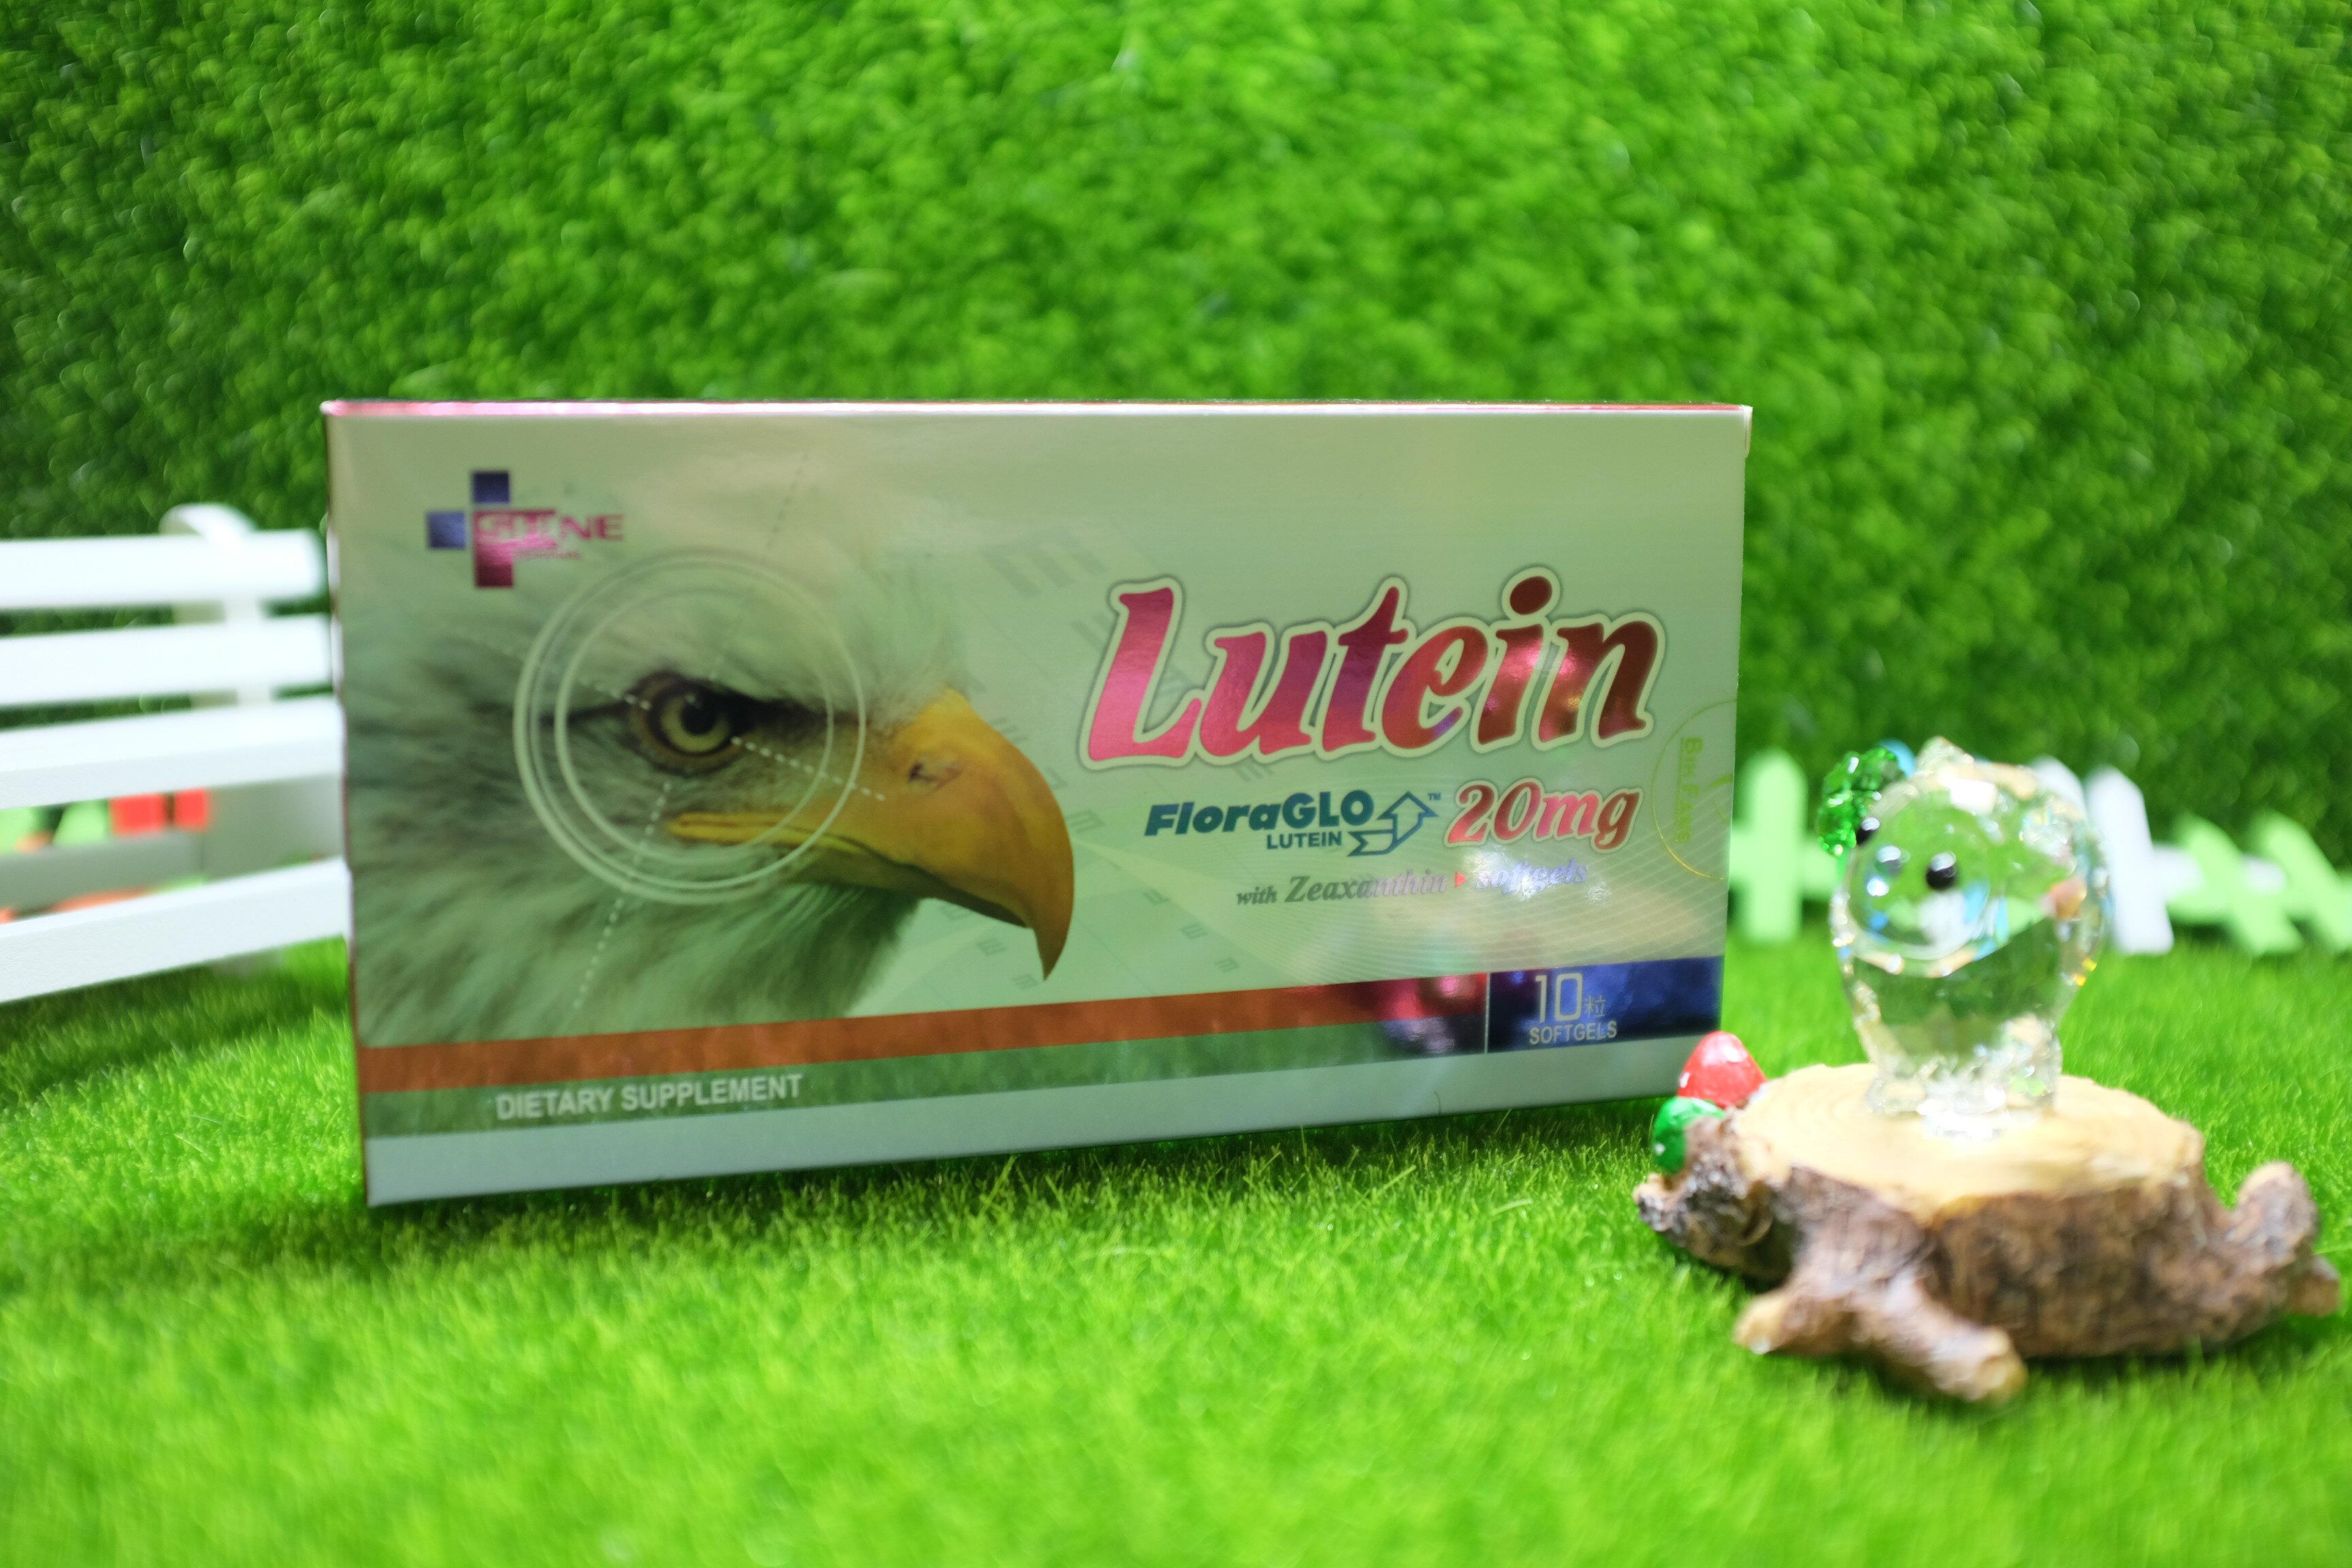 康郁 葉黃素軟膠囊 20mg*10粒 1盒#Lutein FloraGLO